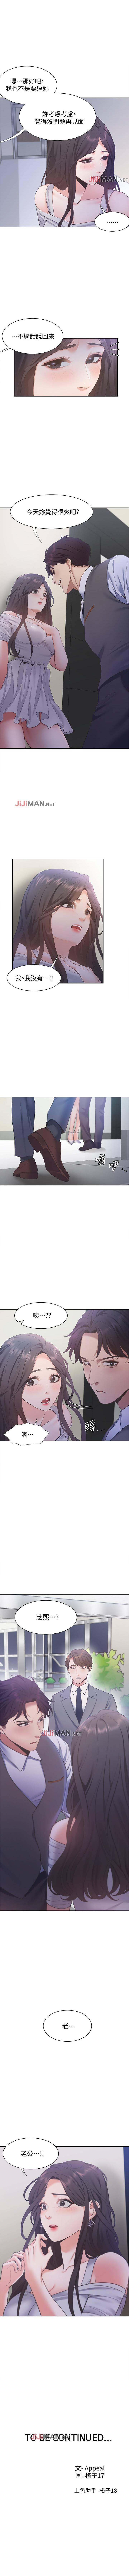 【周五连载】渴望:爱火难耐(作者:Appeal&格子17) 第1~24话 88